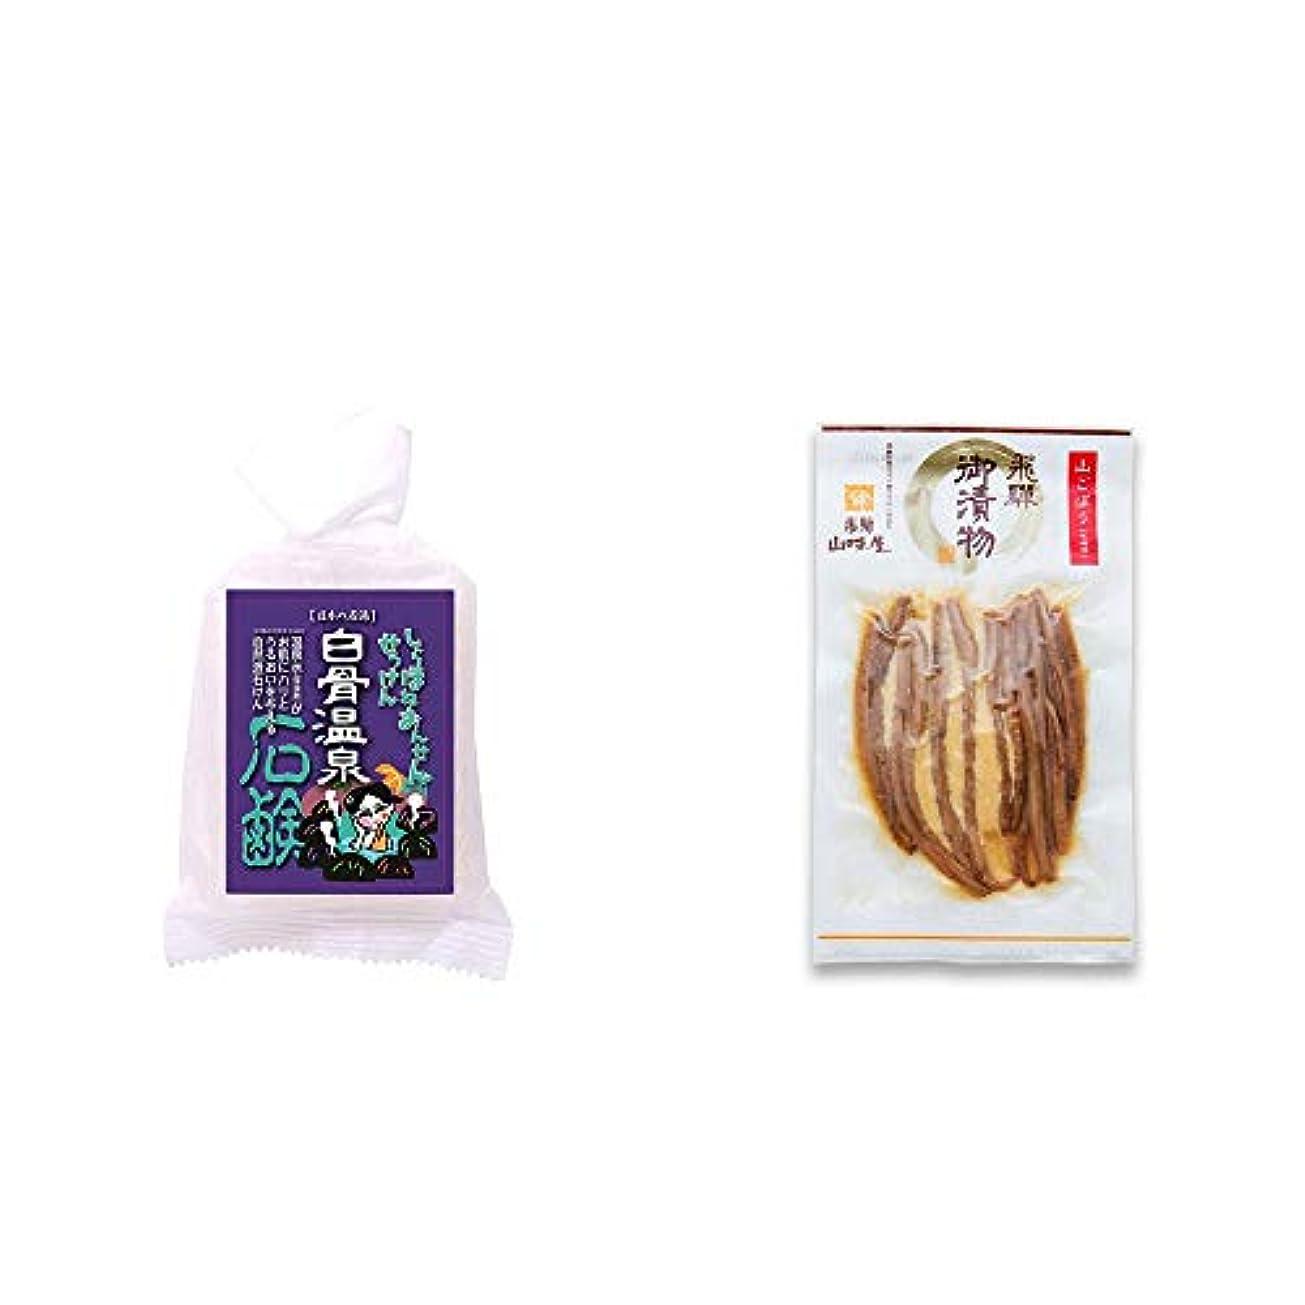 メガロポリスつぶやき以降[2点セット] 信州 白骨温泉石鹸(80g)?飛騨山味屋 山ごぼう味噌漬(80g)